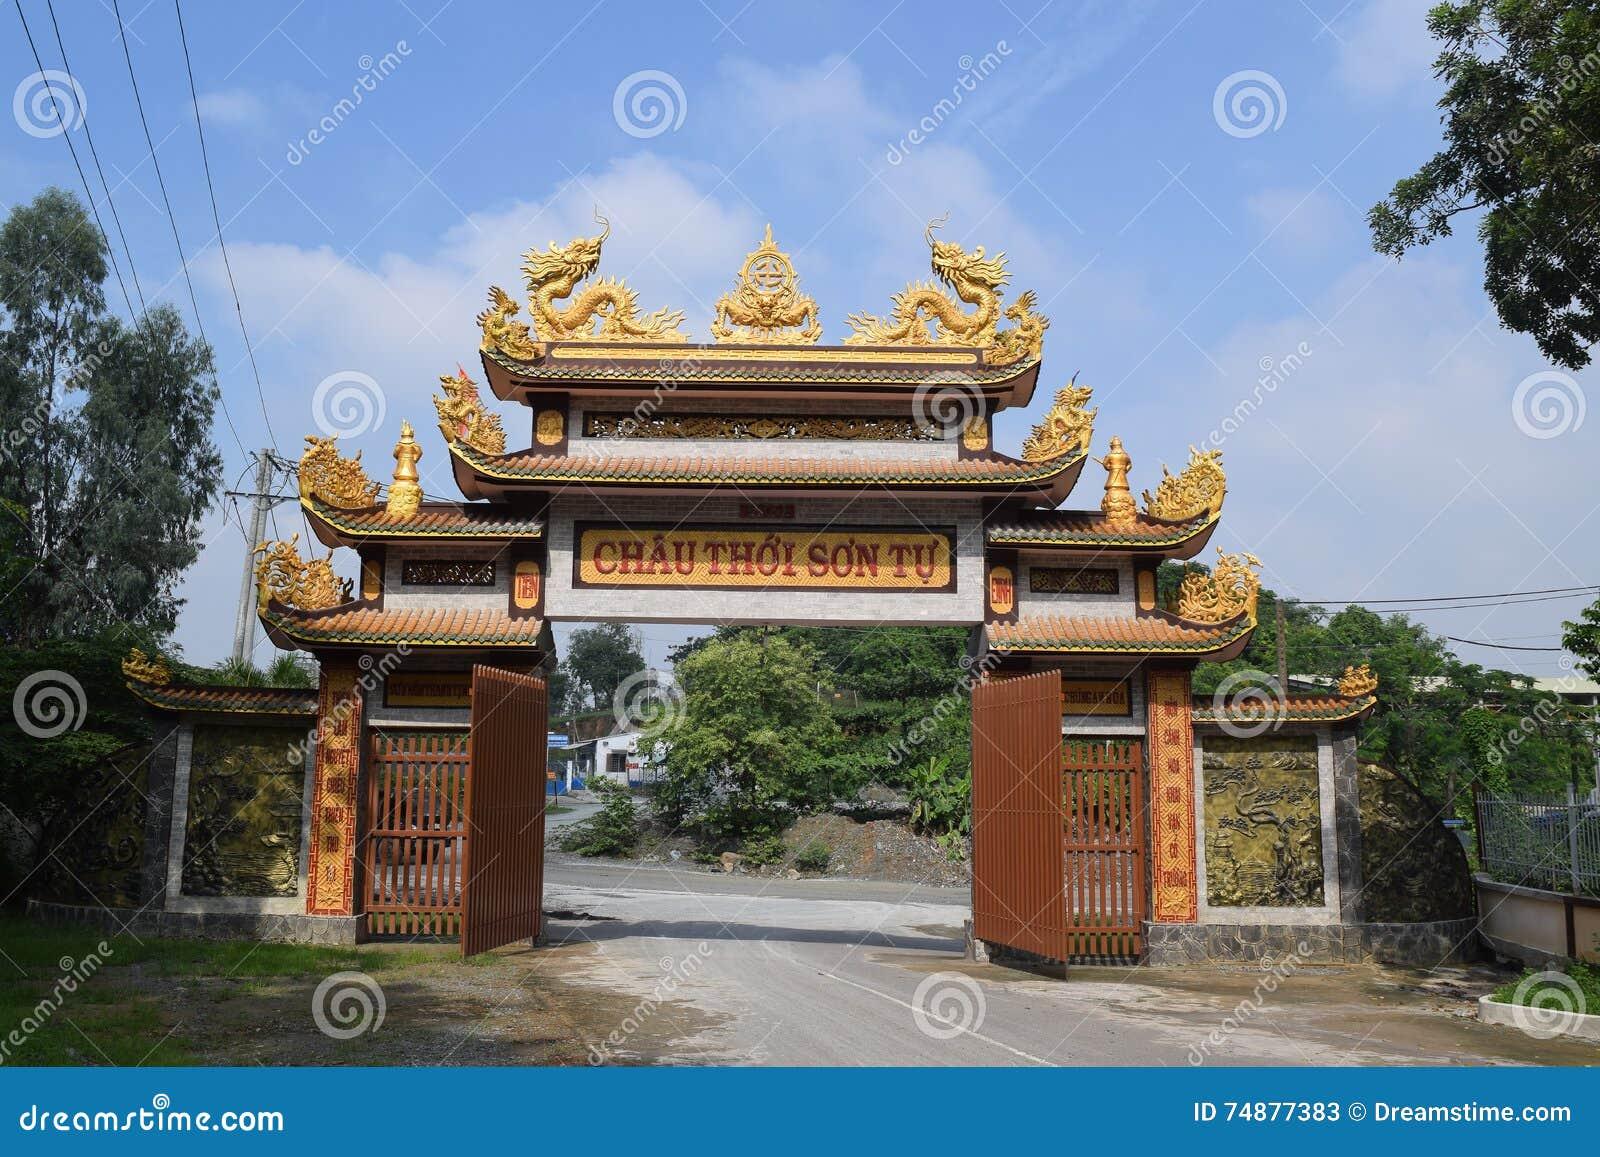 Templo da entrada de Chau Thoi na província de Binh Duong, Vietname